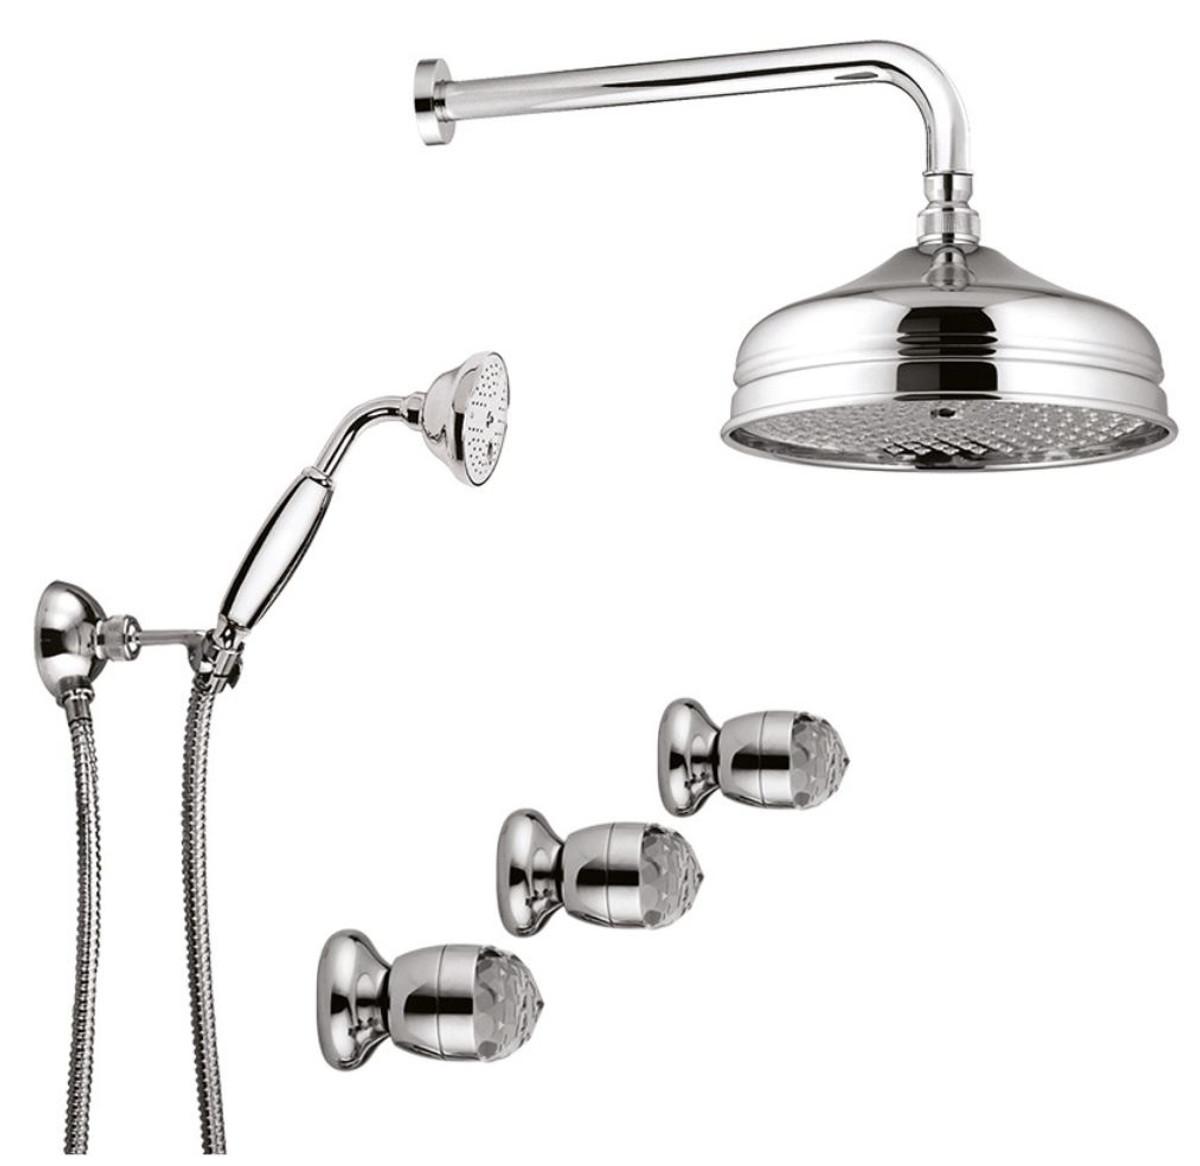 luxus badezimmer armaturen duplex einbau brauseset duschset mit swarovski kristallglas silber. Black Bedroom Furniture Sets. Home Design Ideas